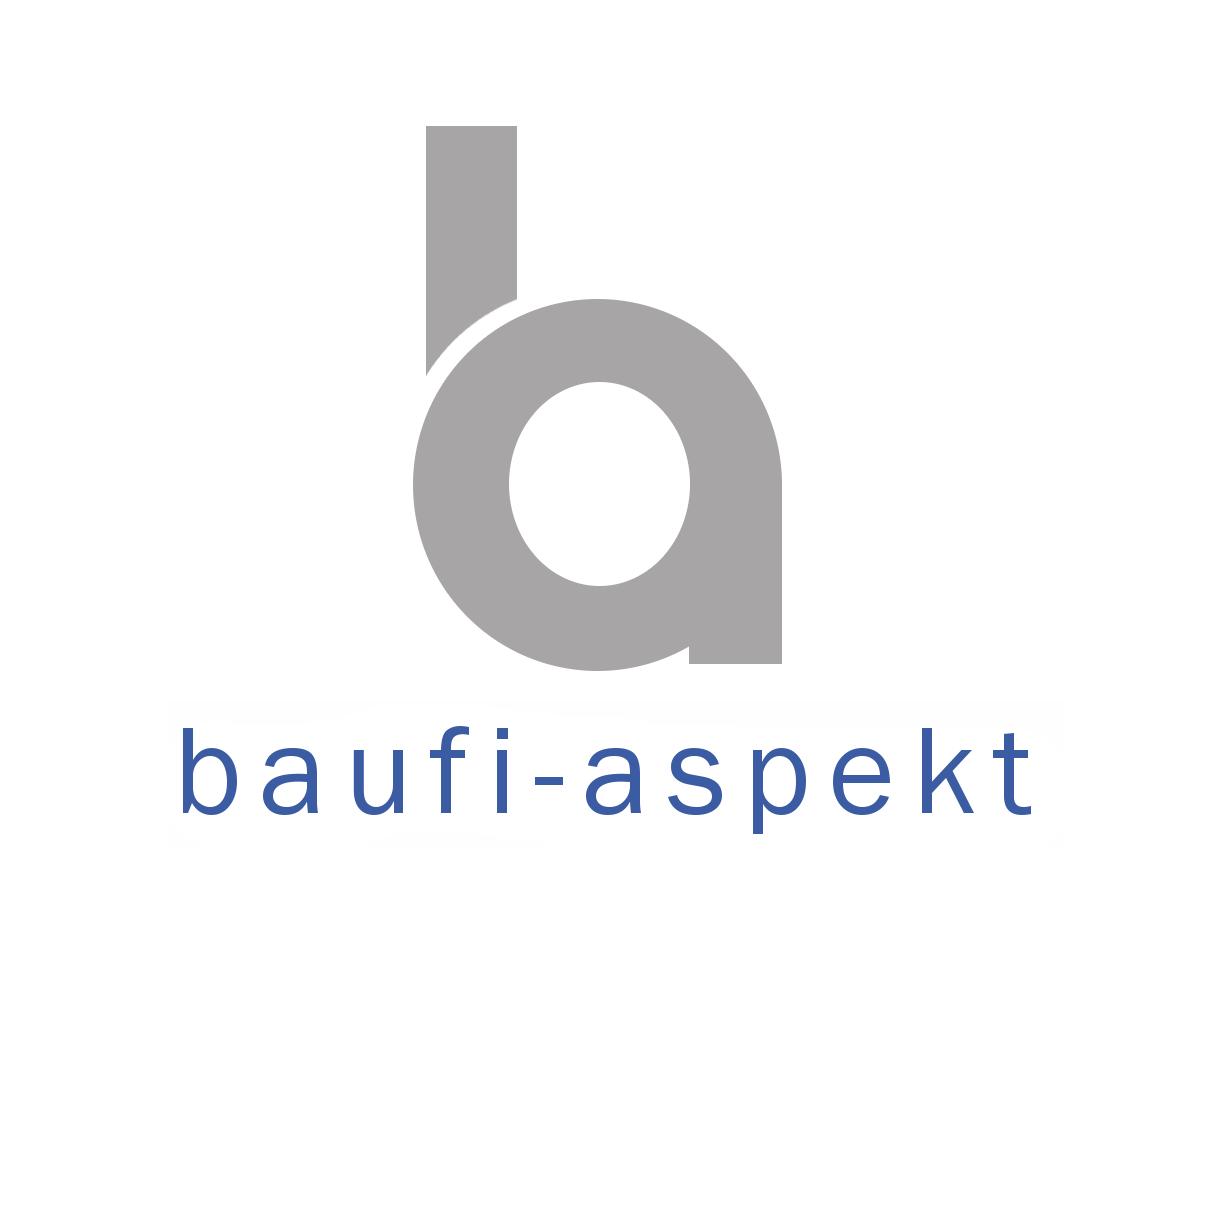 baufi-aspekt